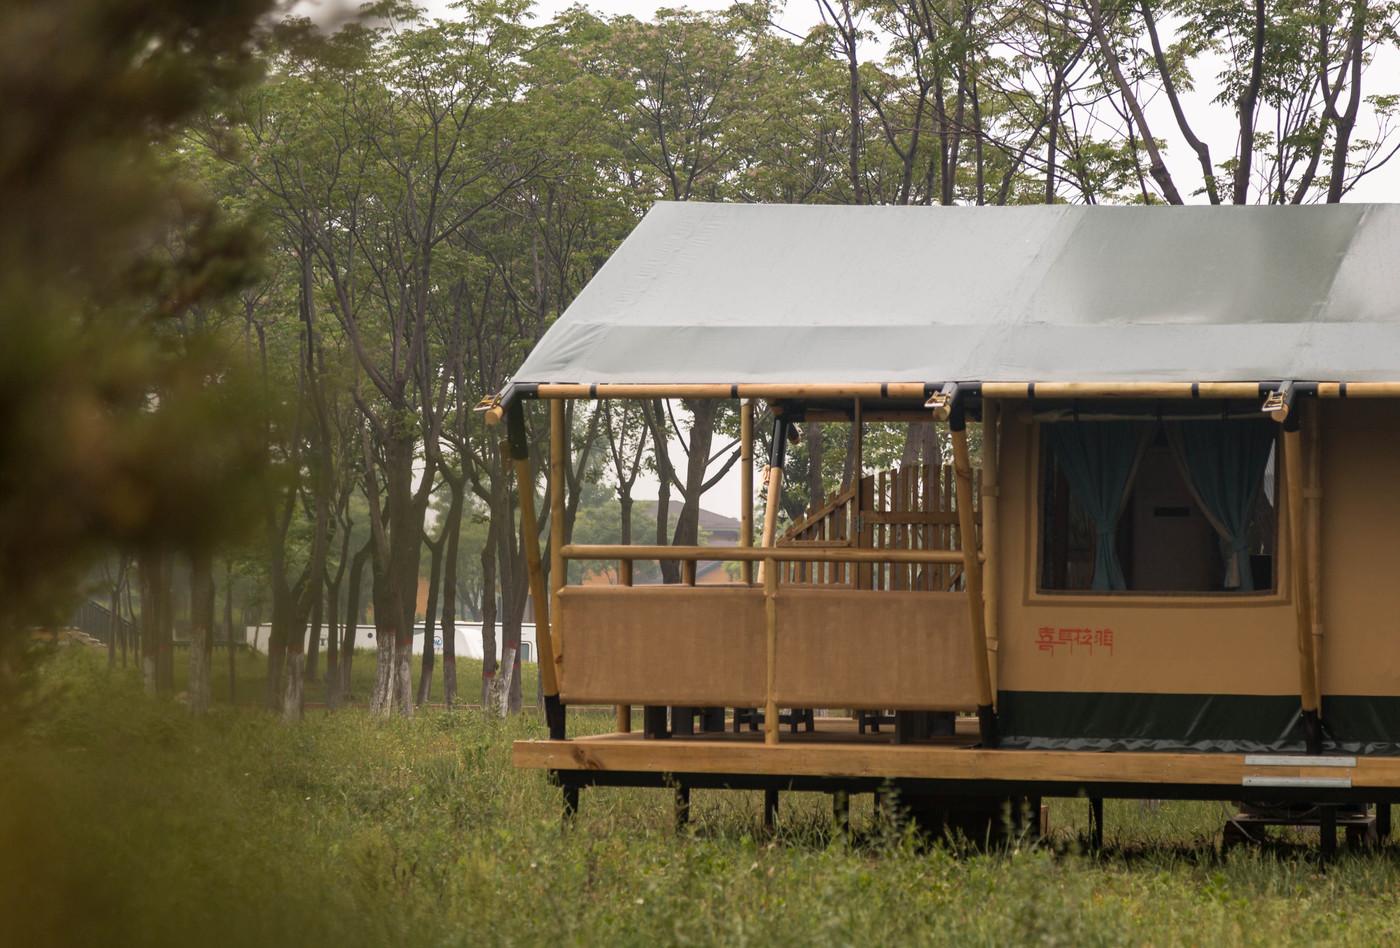 喜马拉雅野奢帐篷酒店—华山自驾游露营地(78平)5